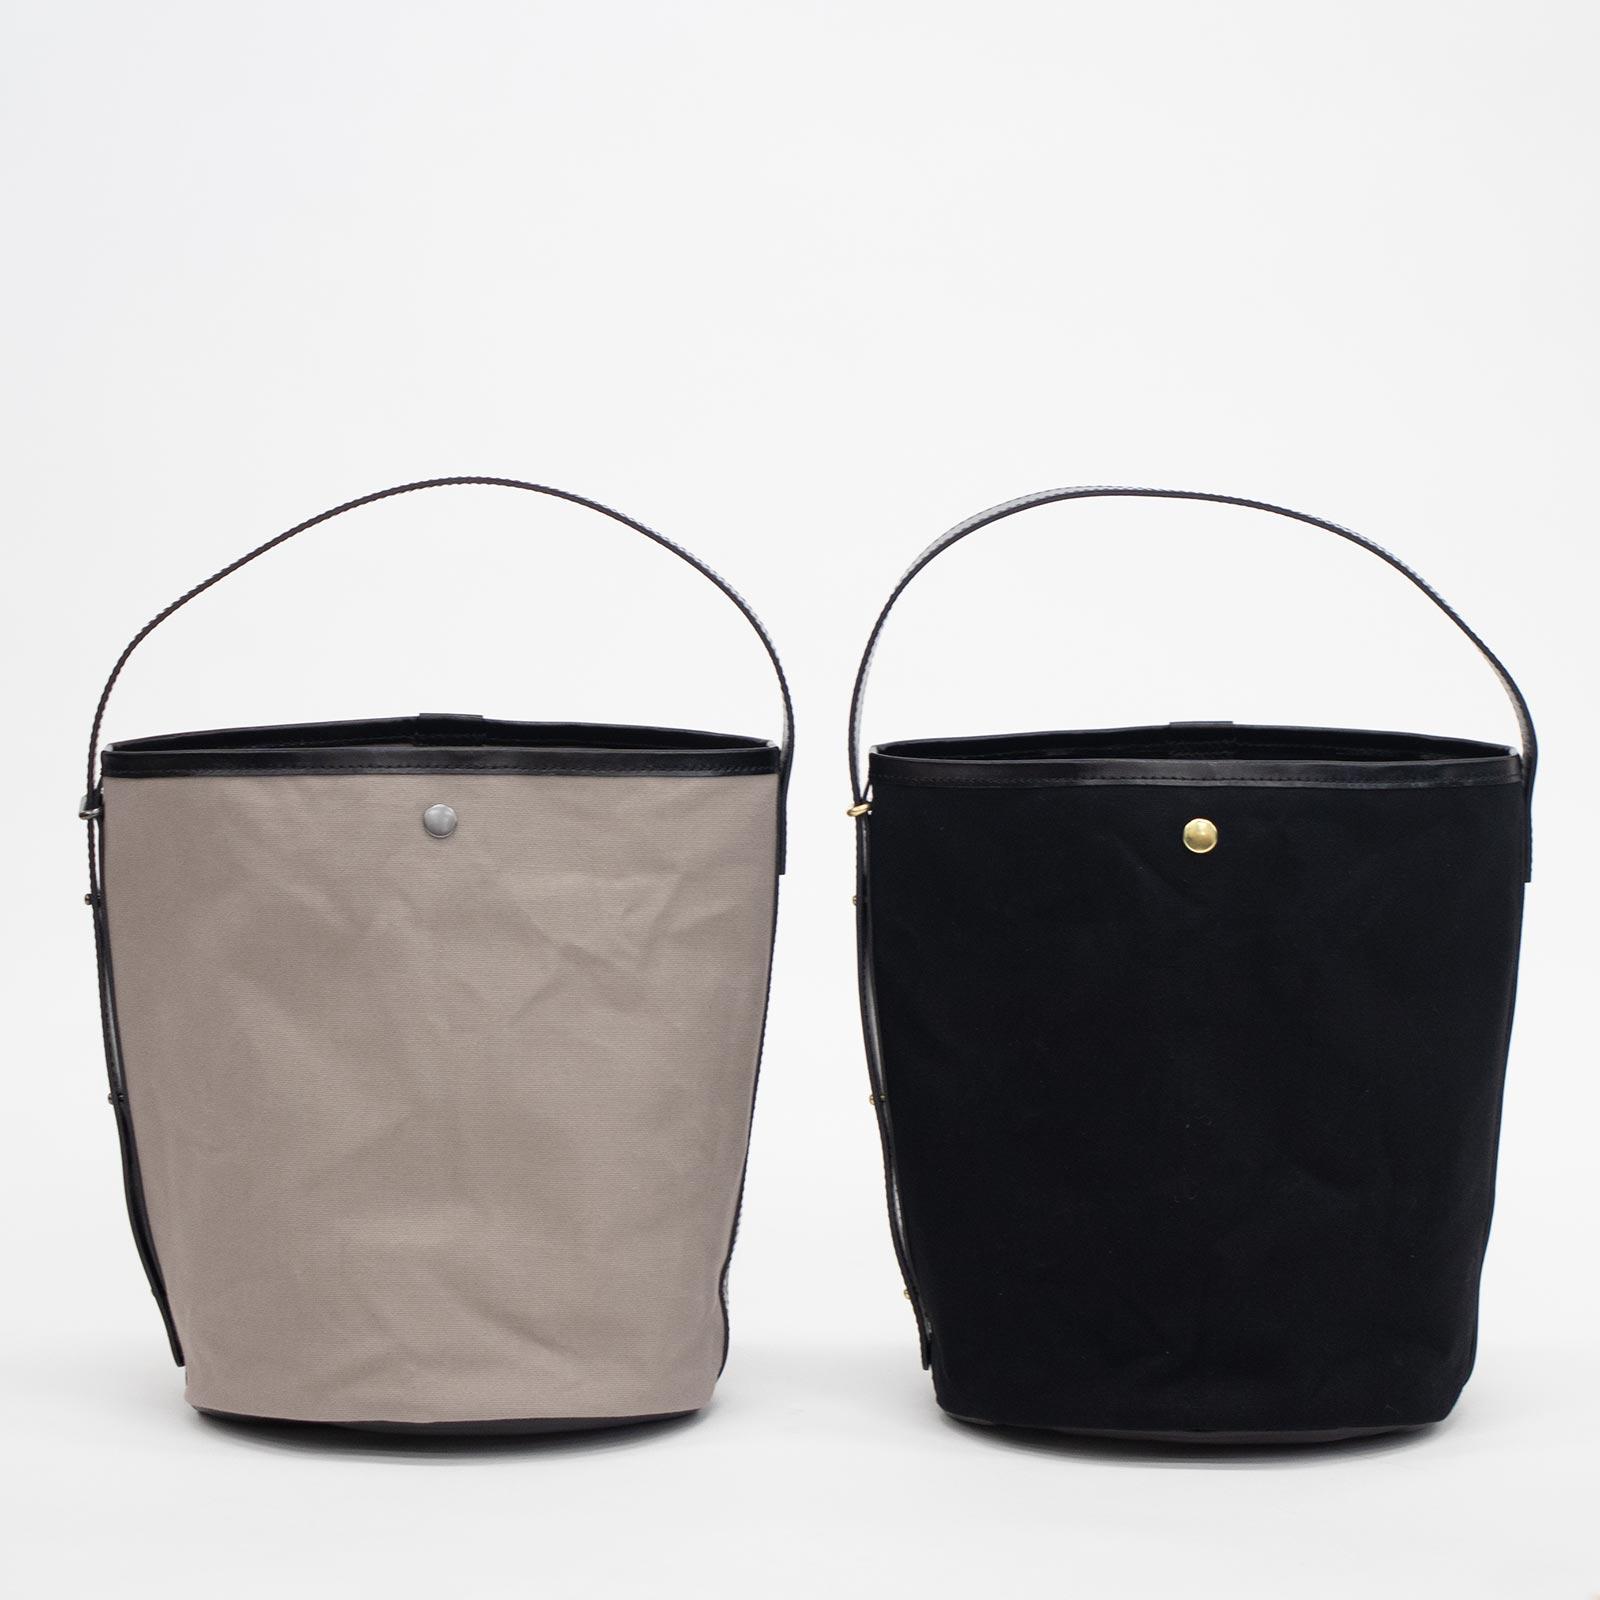 Root Shoulderbag(ショルダーバッグ) enショルダー_02